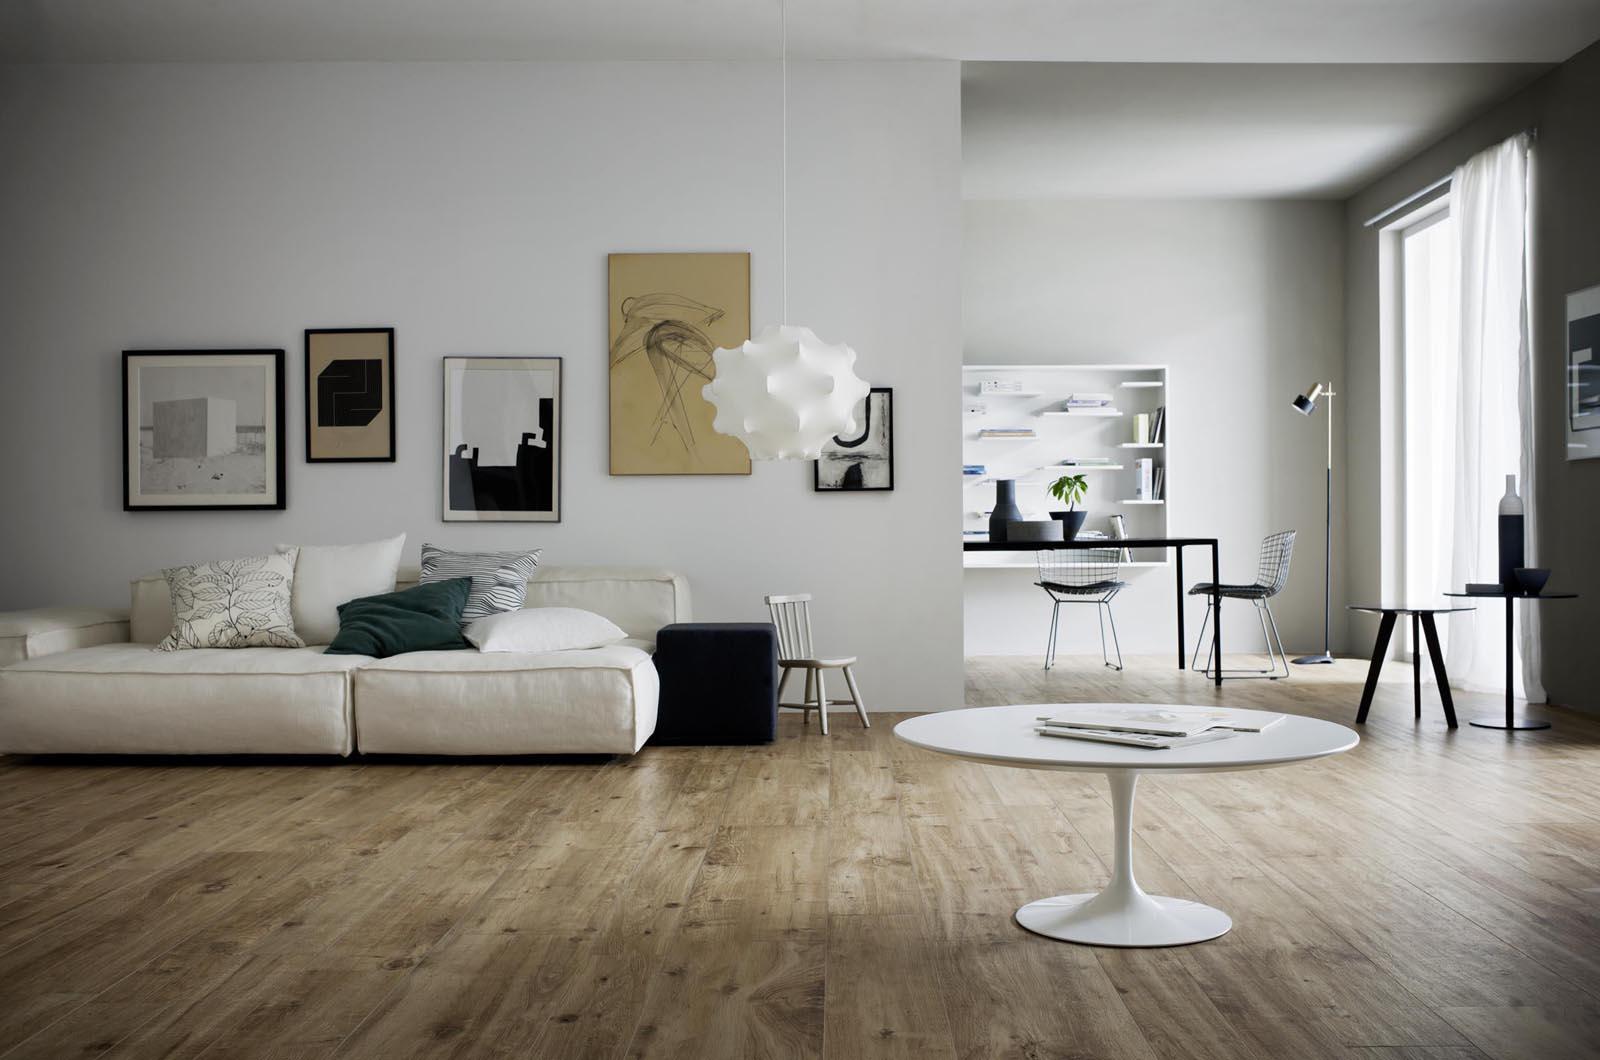 treverkhome gres porcellanato effetto legno marazzi. Black Bedroom Furniture Sets. Home Design Ideas